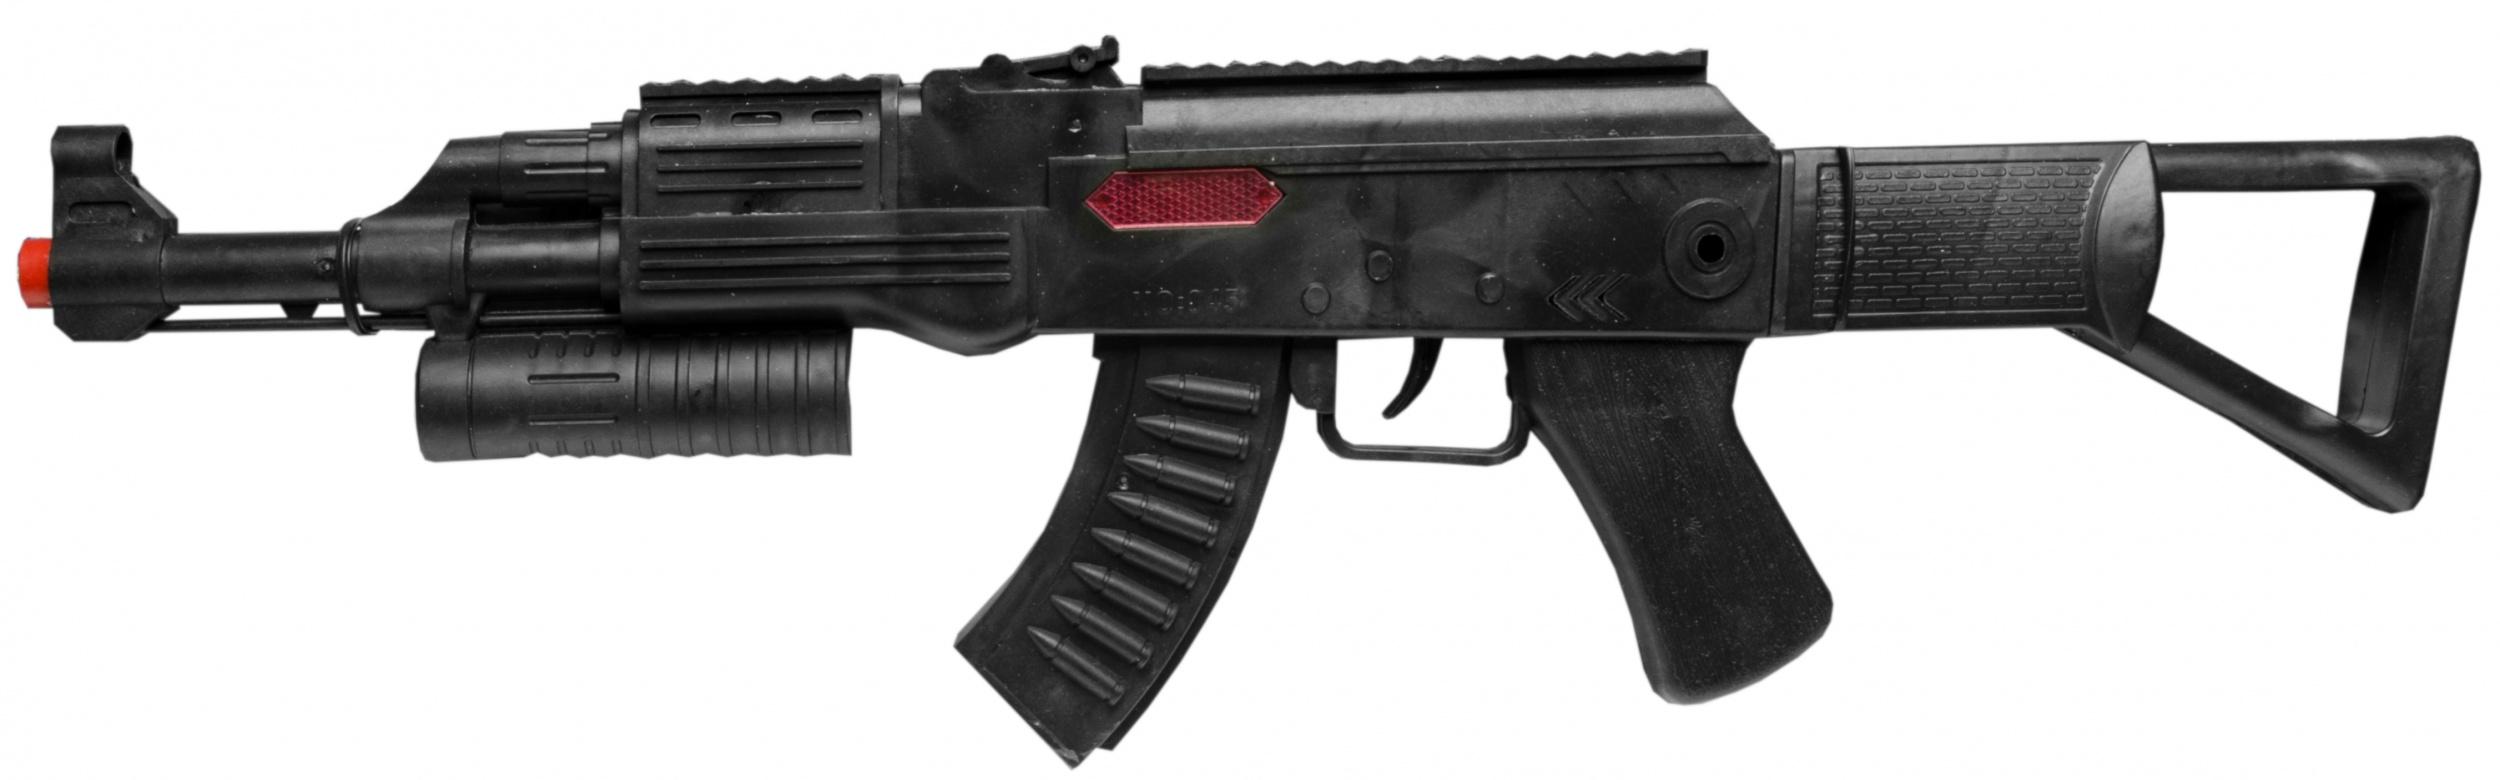 rattle rifle AK-47 black 58 cm